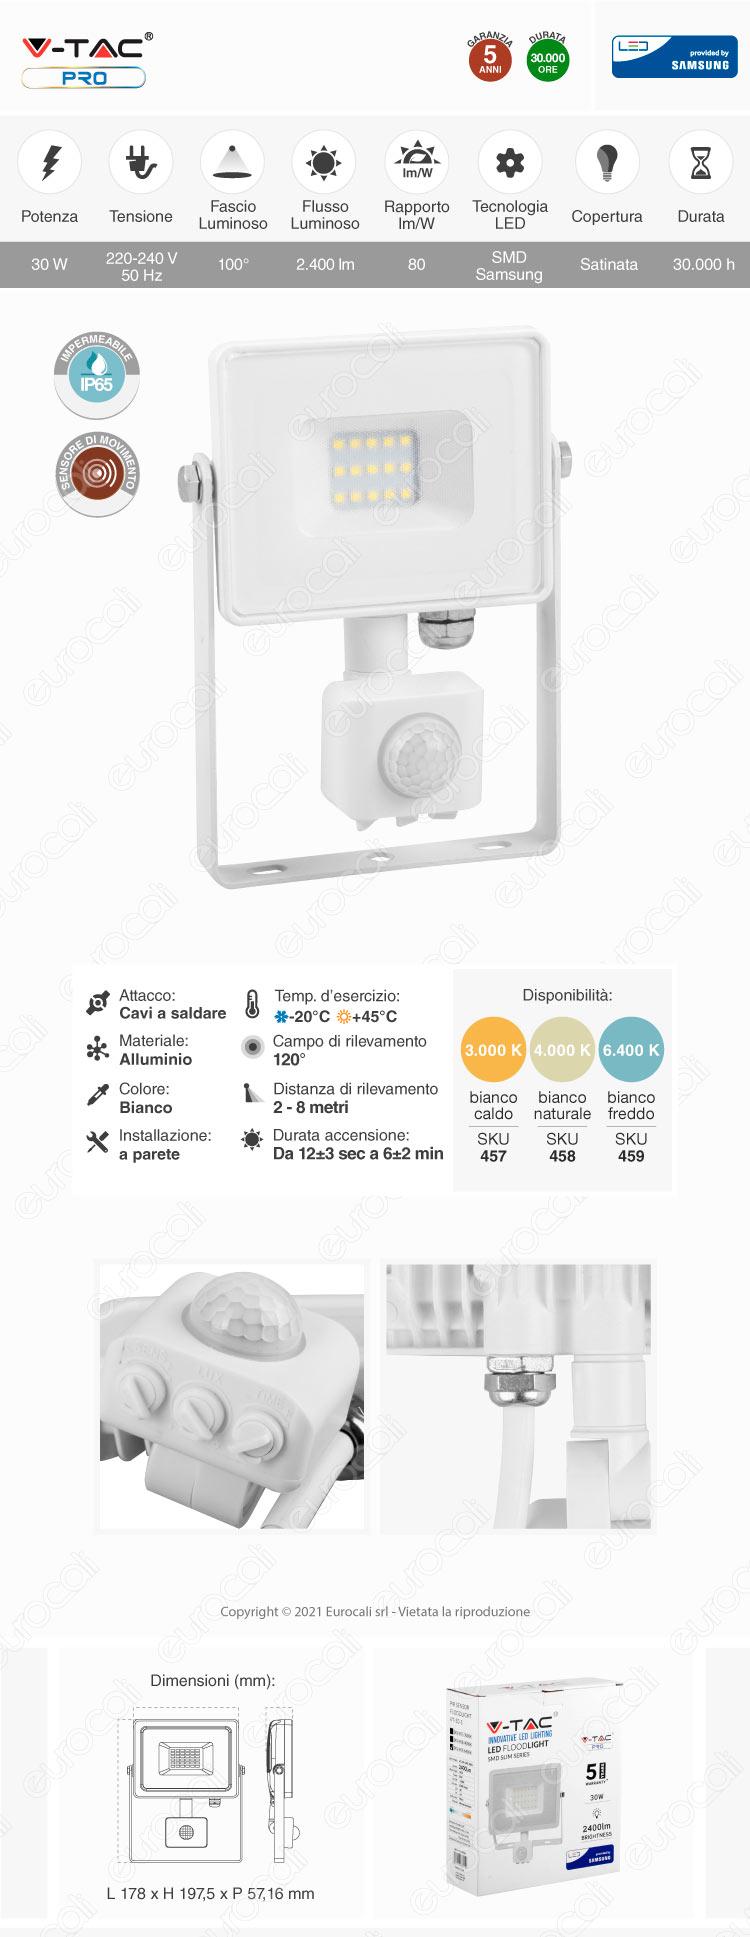 V-Tac PRO VT-30-S Faretto LED 30W Ultra Sottile Slim Chip Samsung con Sensore Colore Bianco